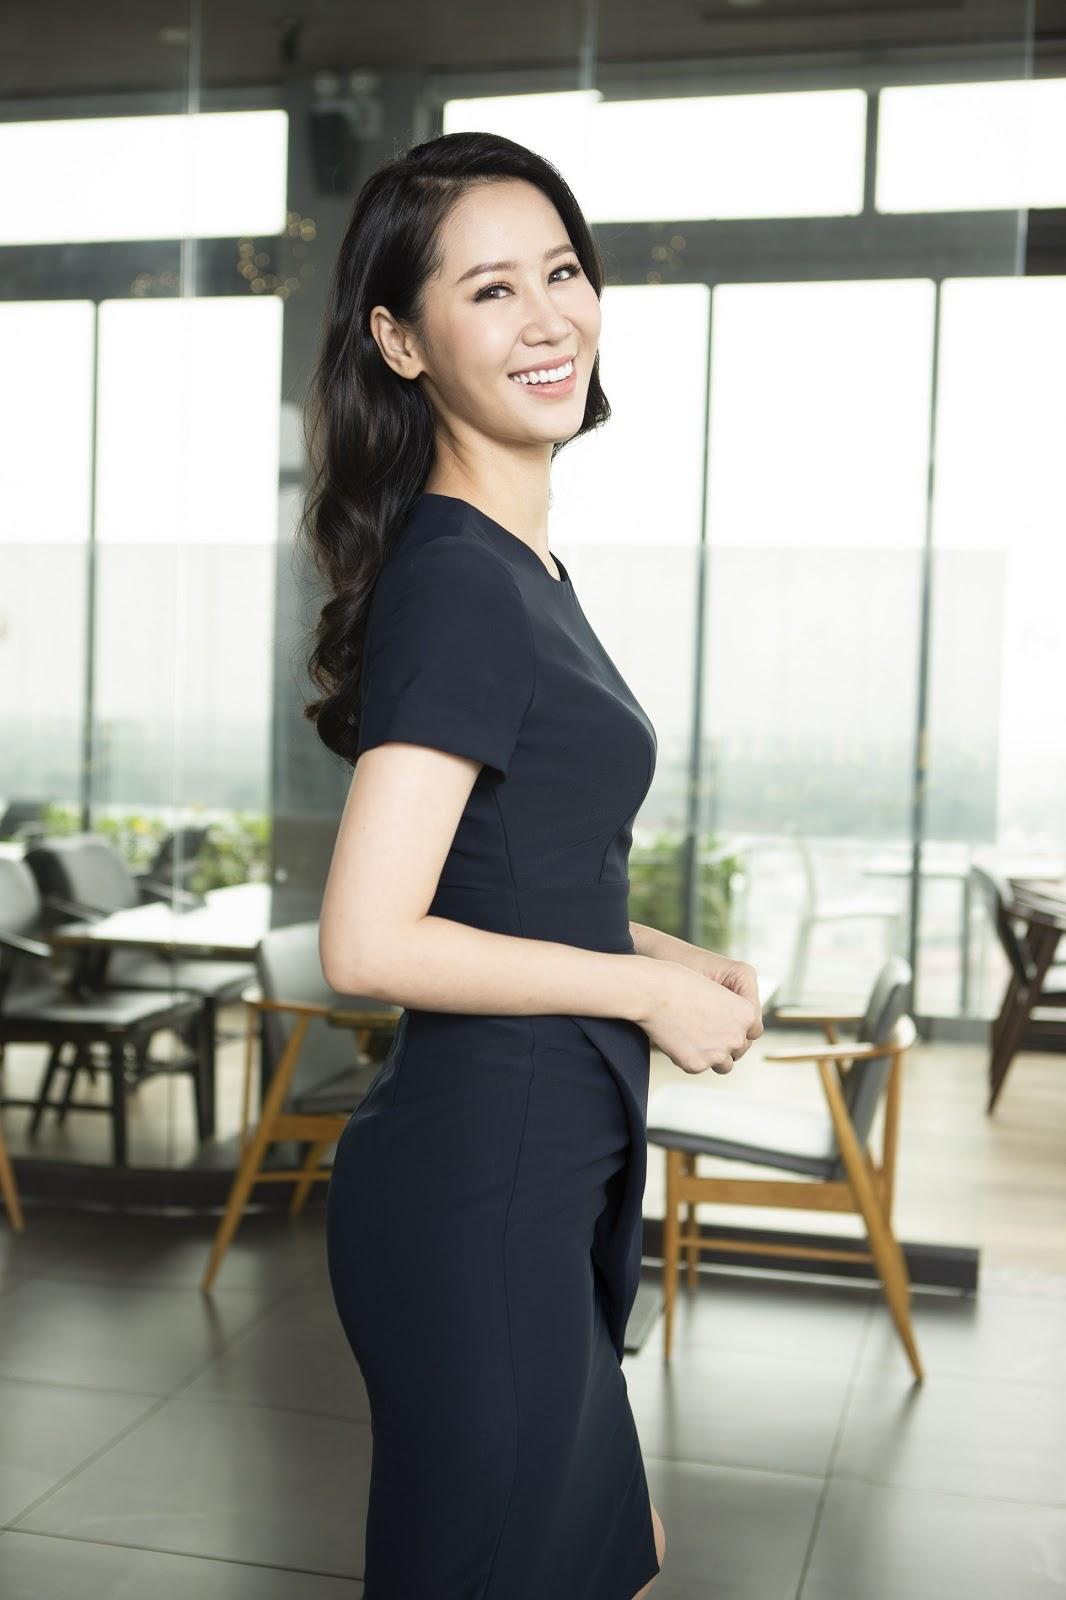 Dương Thùy Linh 'hack tuổi' giữa nắng hè cùng trang phục Elise - Hình 6